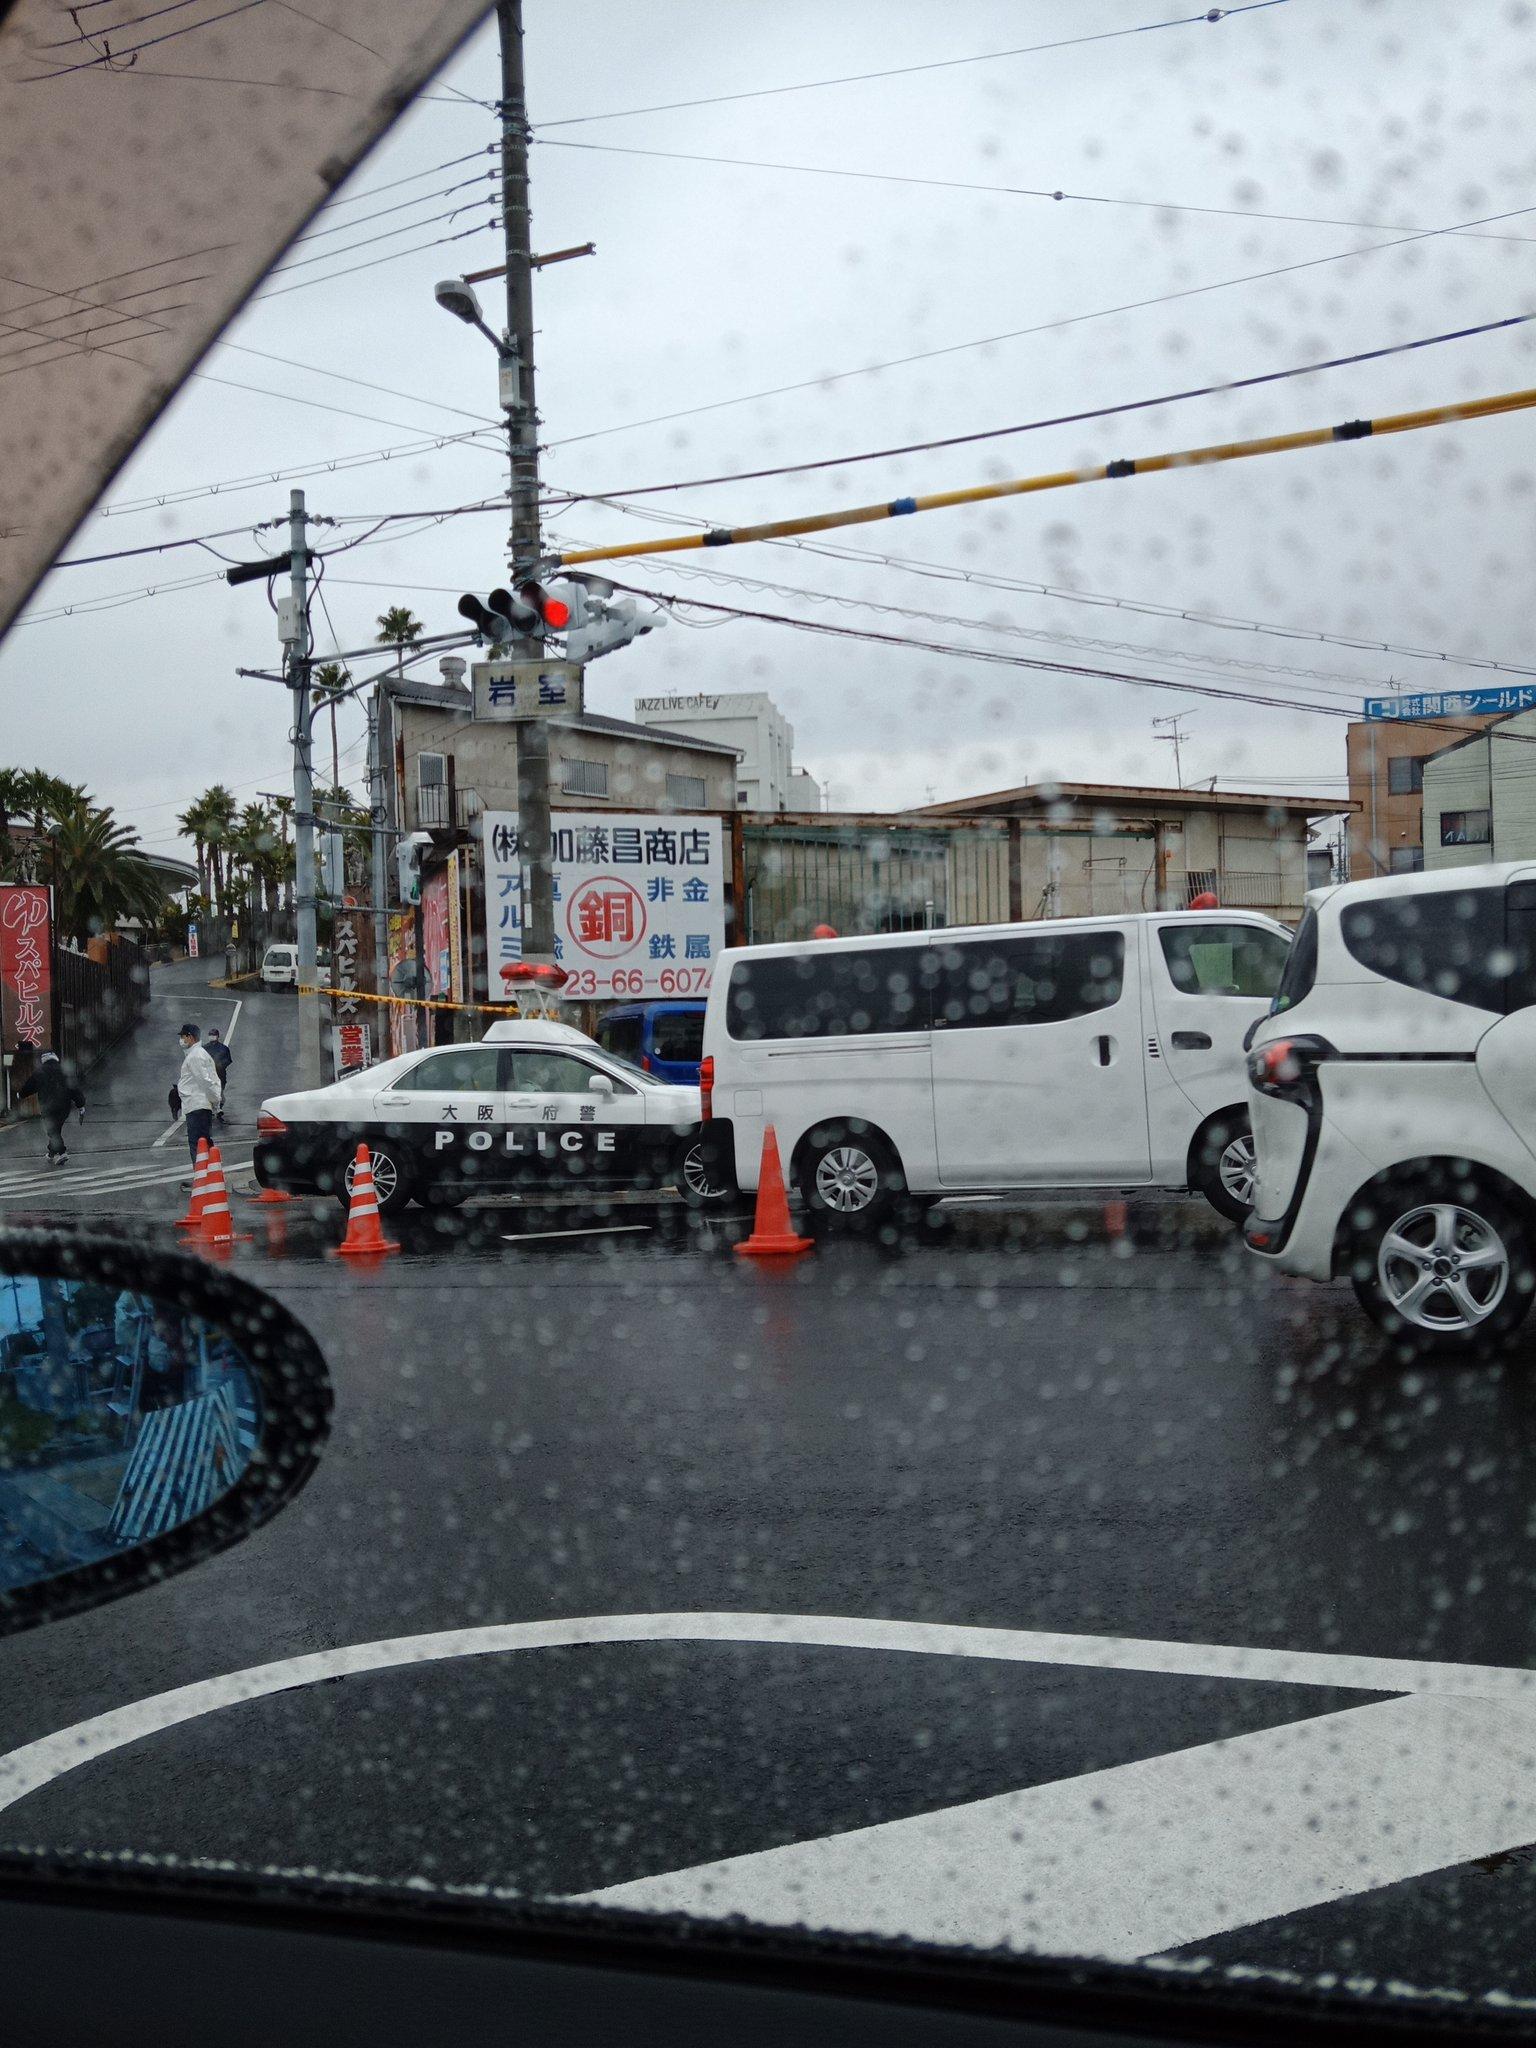 大阪狭山市で男性が刃物で首を刺された事件現場の画像